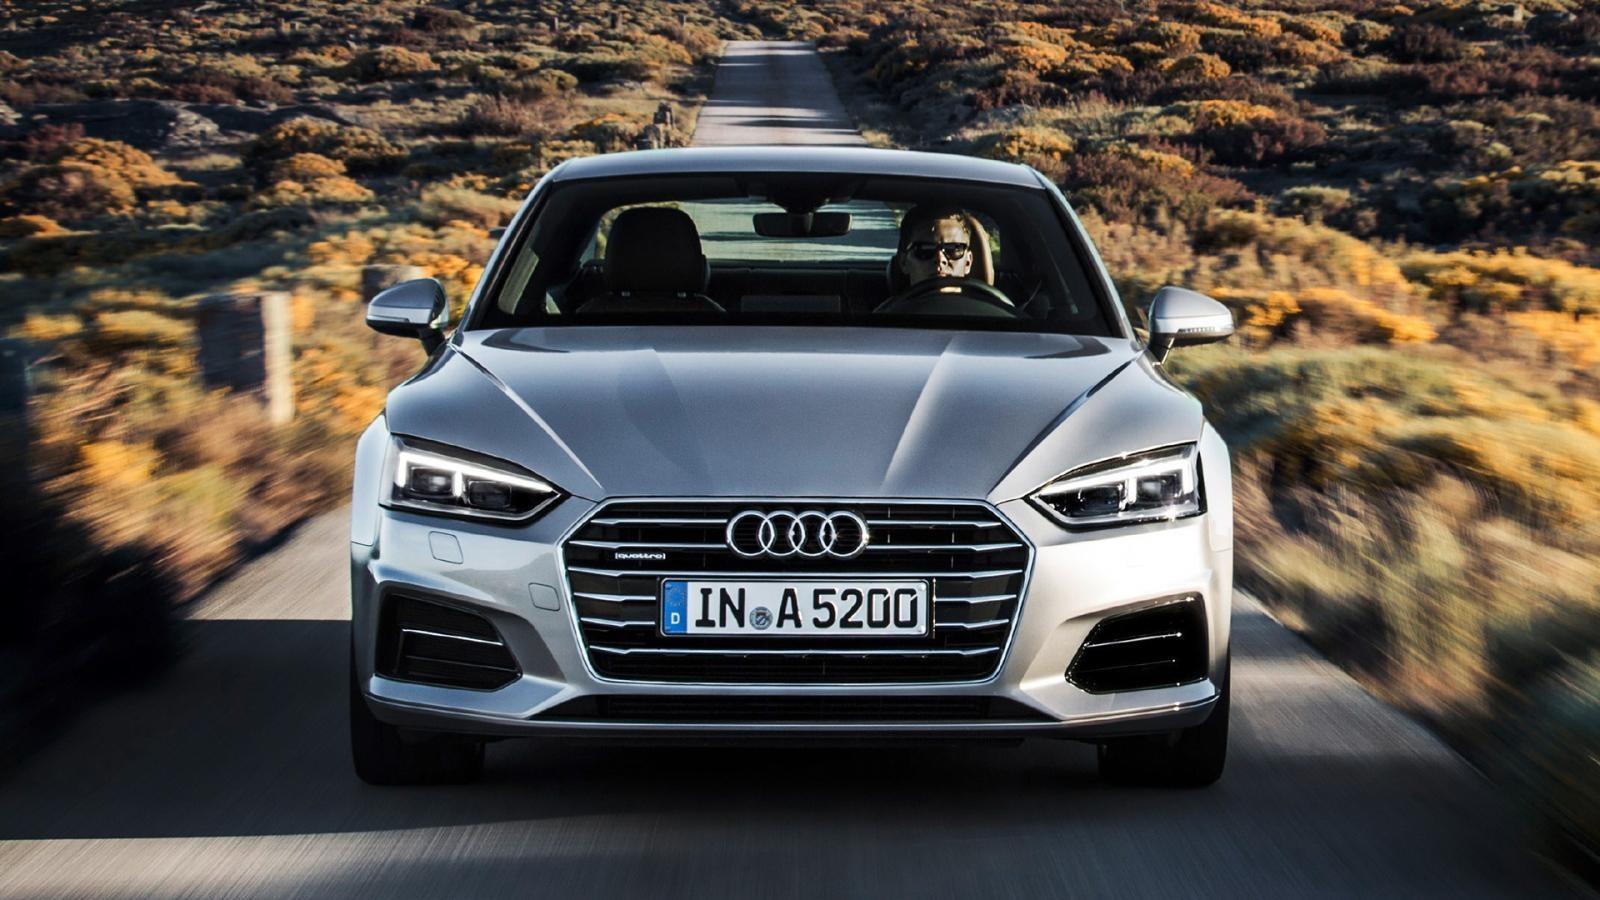 Audi A5 S Line Quattro rodando